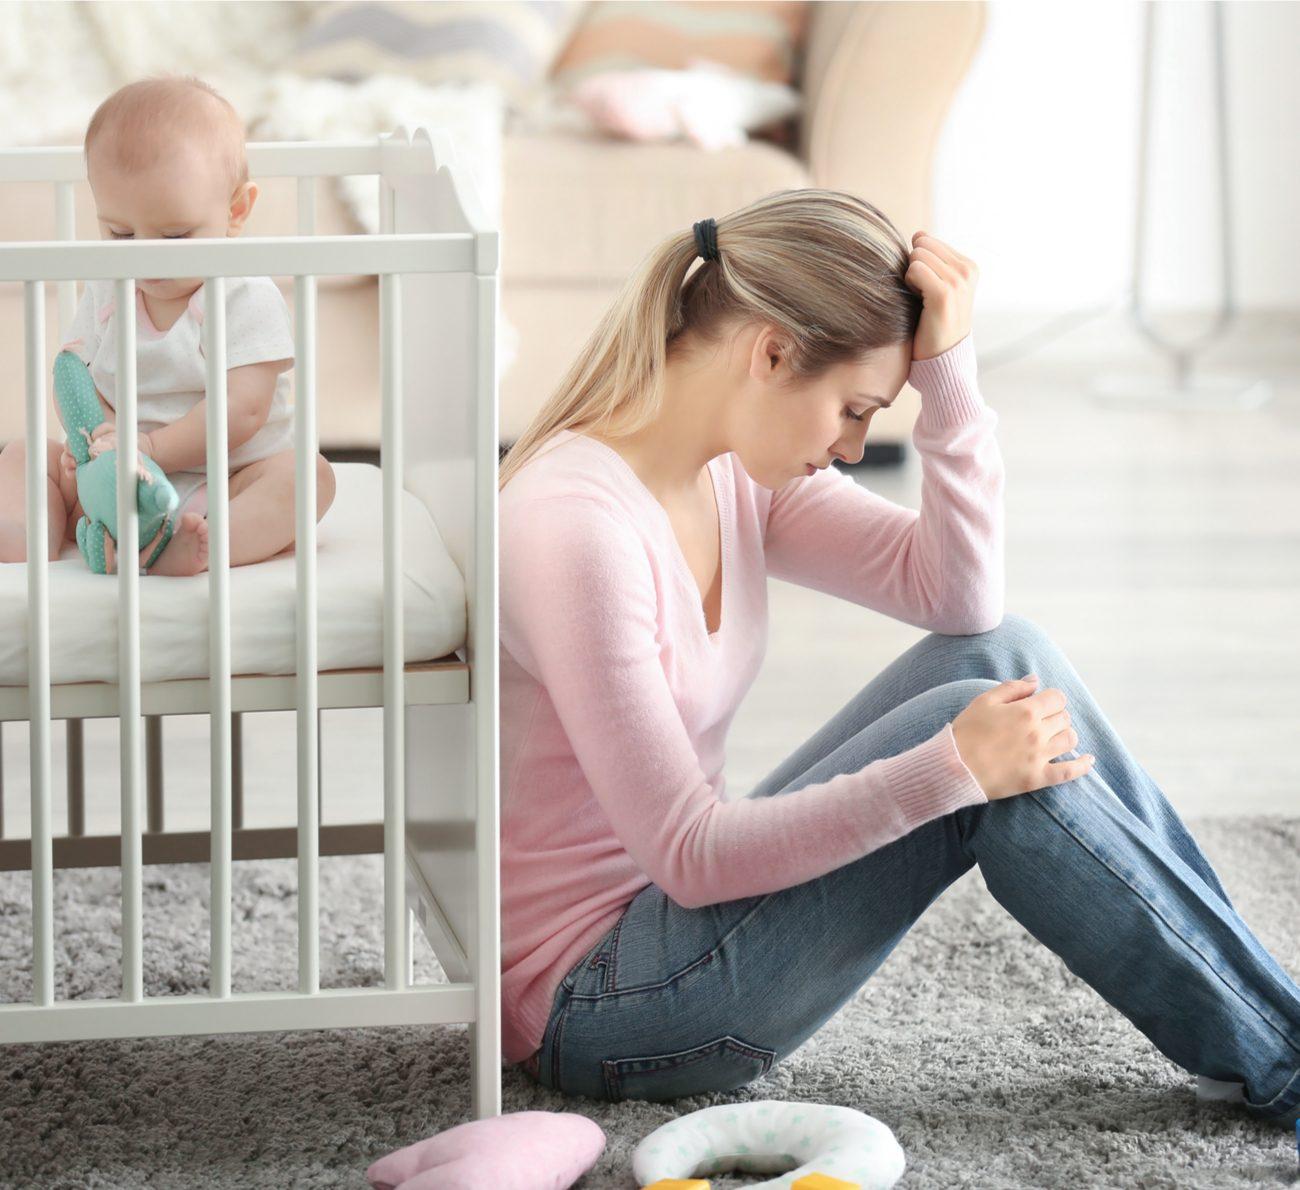 sintomas da depressão pós-parto